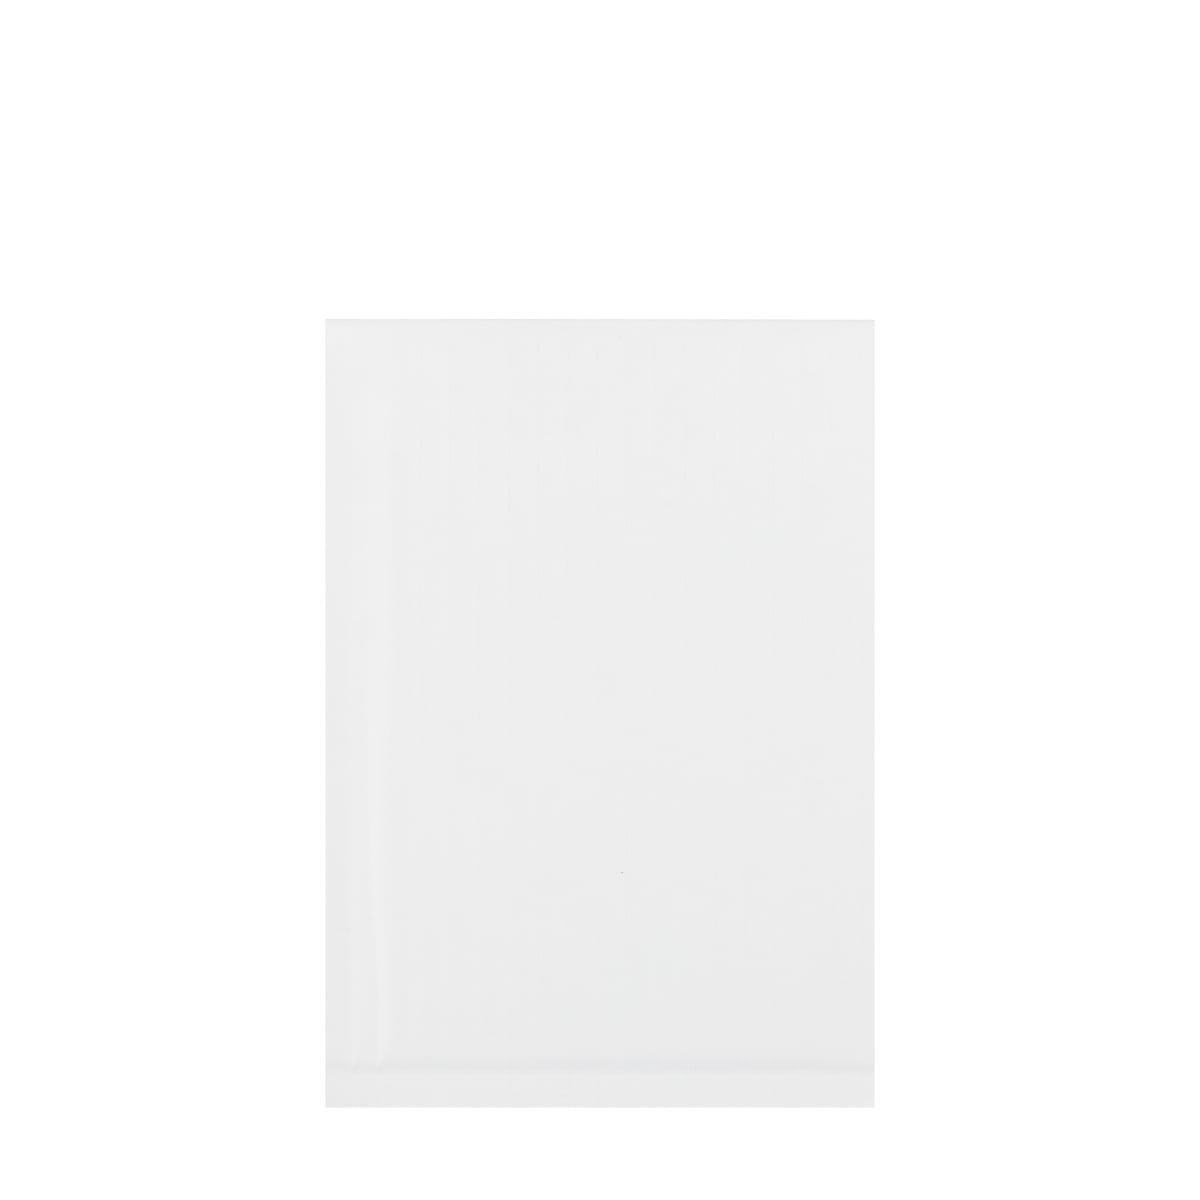 165 x 100mm WHITE PAPER PADDED ENVELOPES